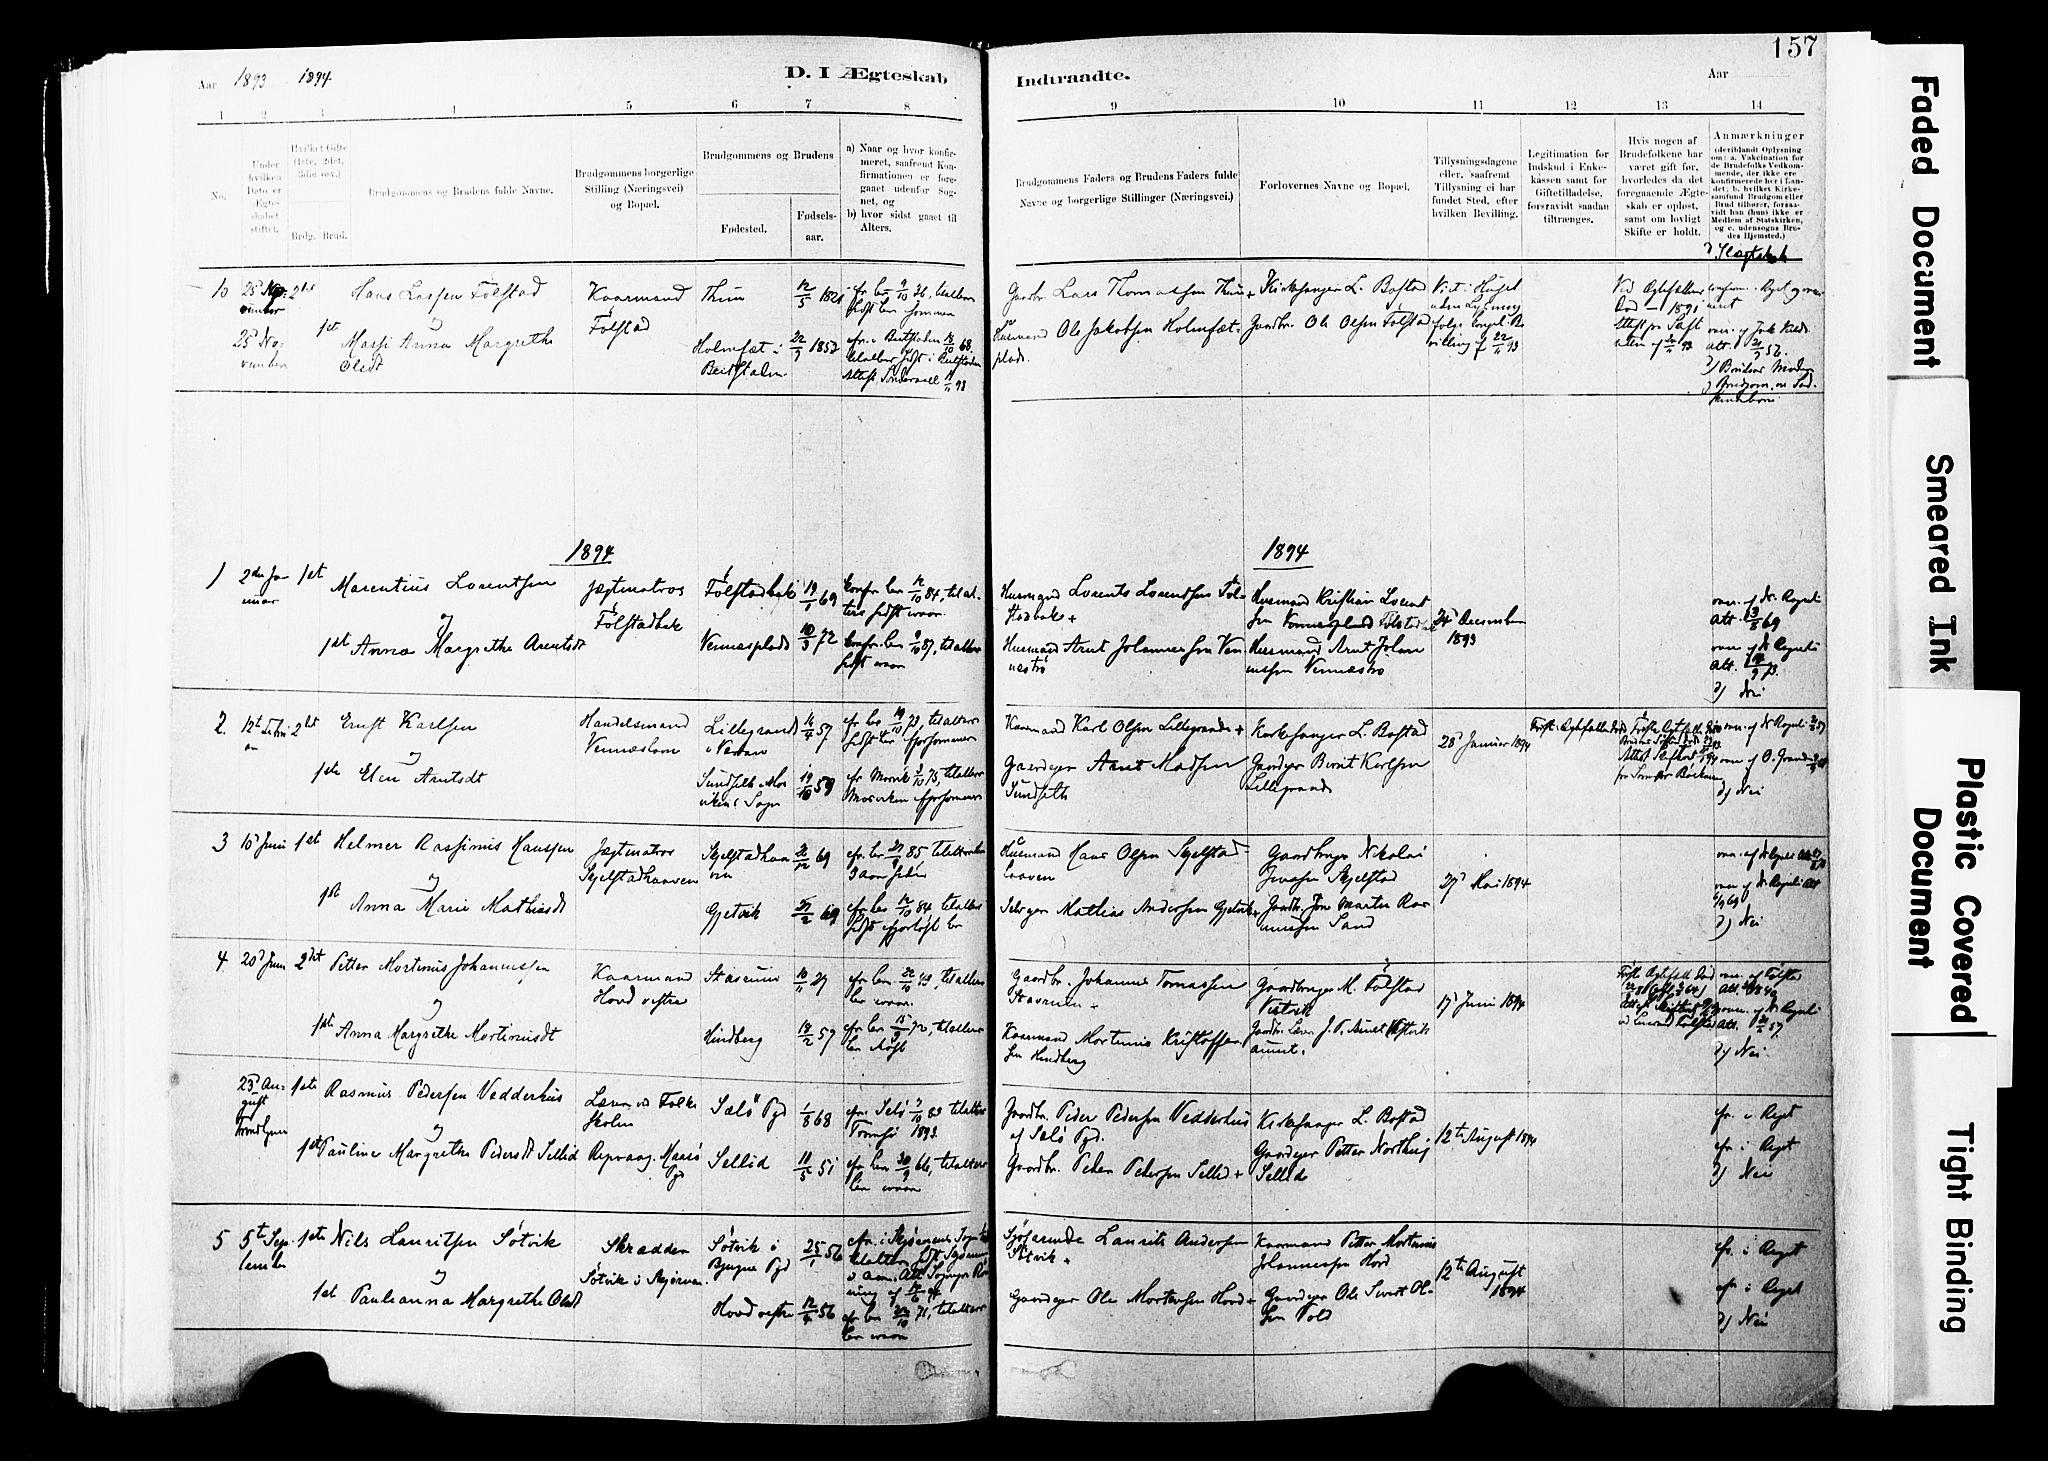 SAT, Ministerialprotokoller, klokkerbøker og fødselsregistre - Nord-Trøndelag, 744/L0420: Ministerialbok nr. 744A04, 1882-1904, s. 157